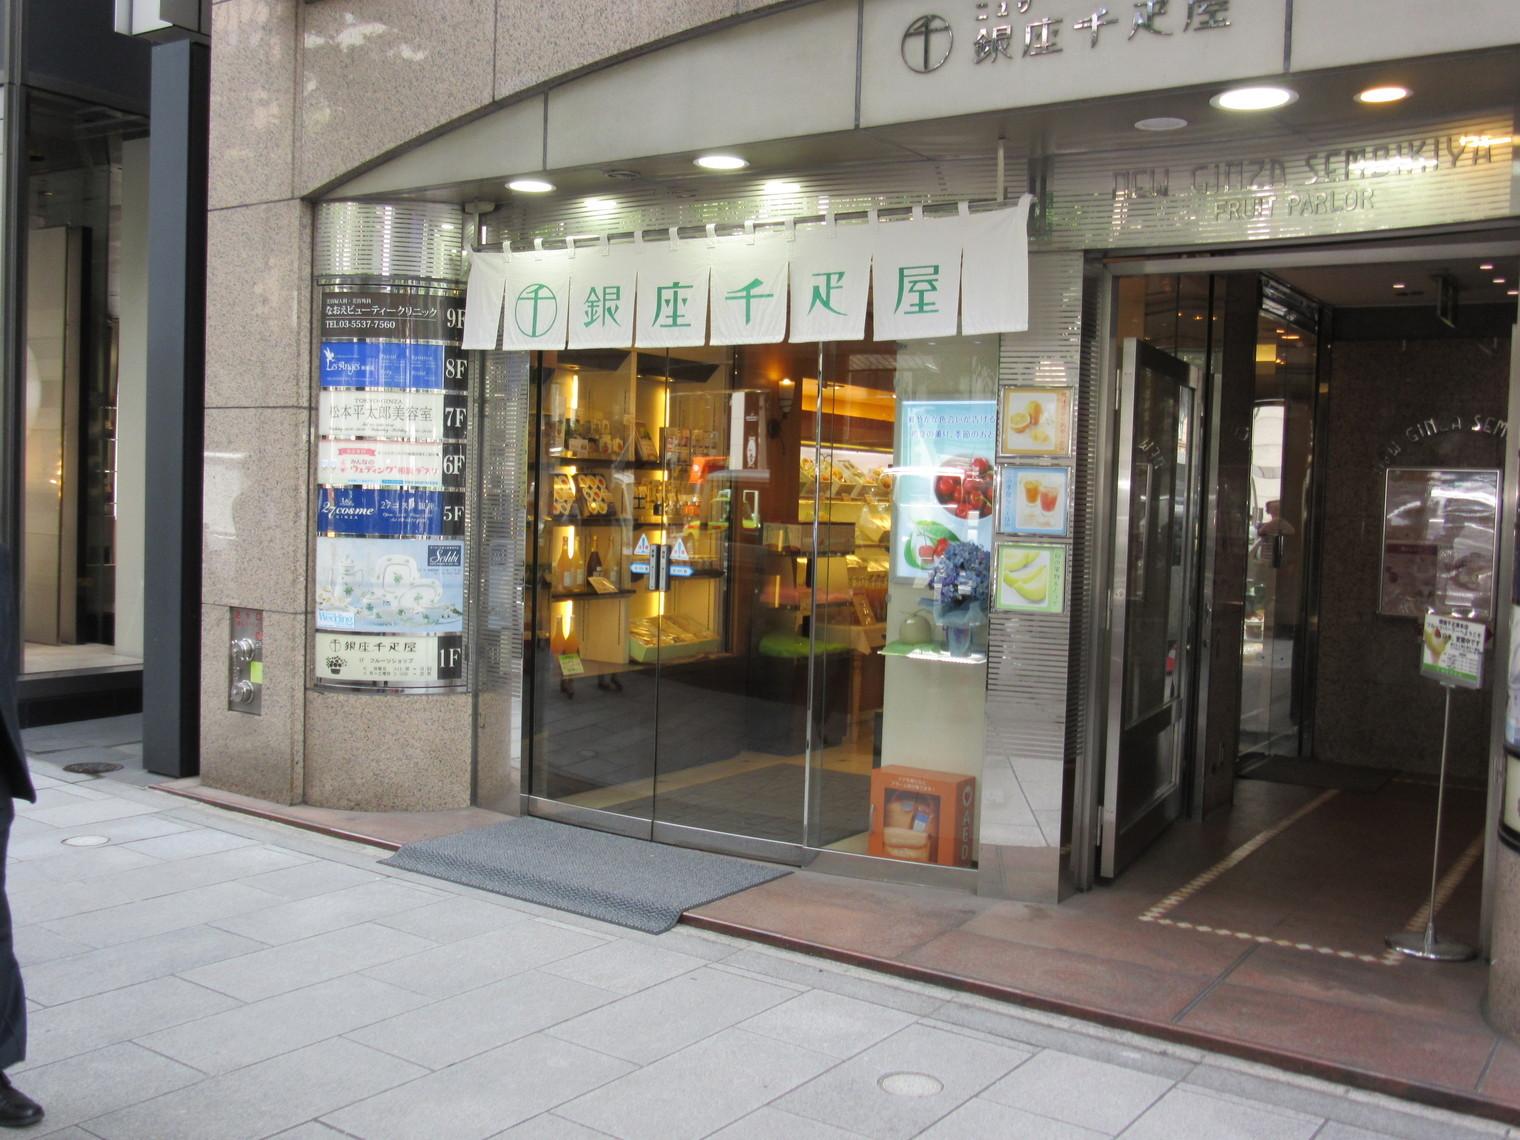 銀座 パフェ 千疋屋